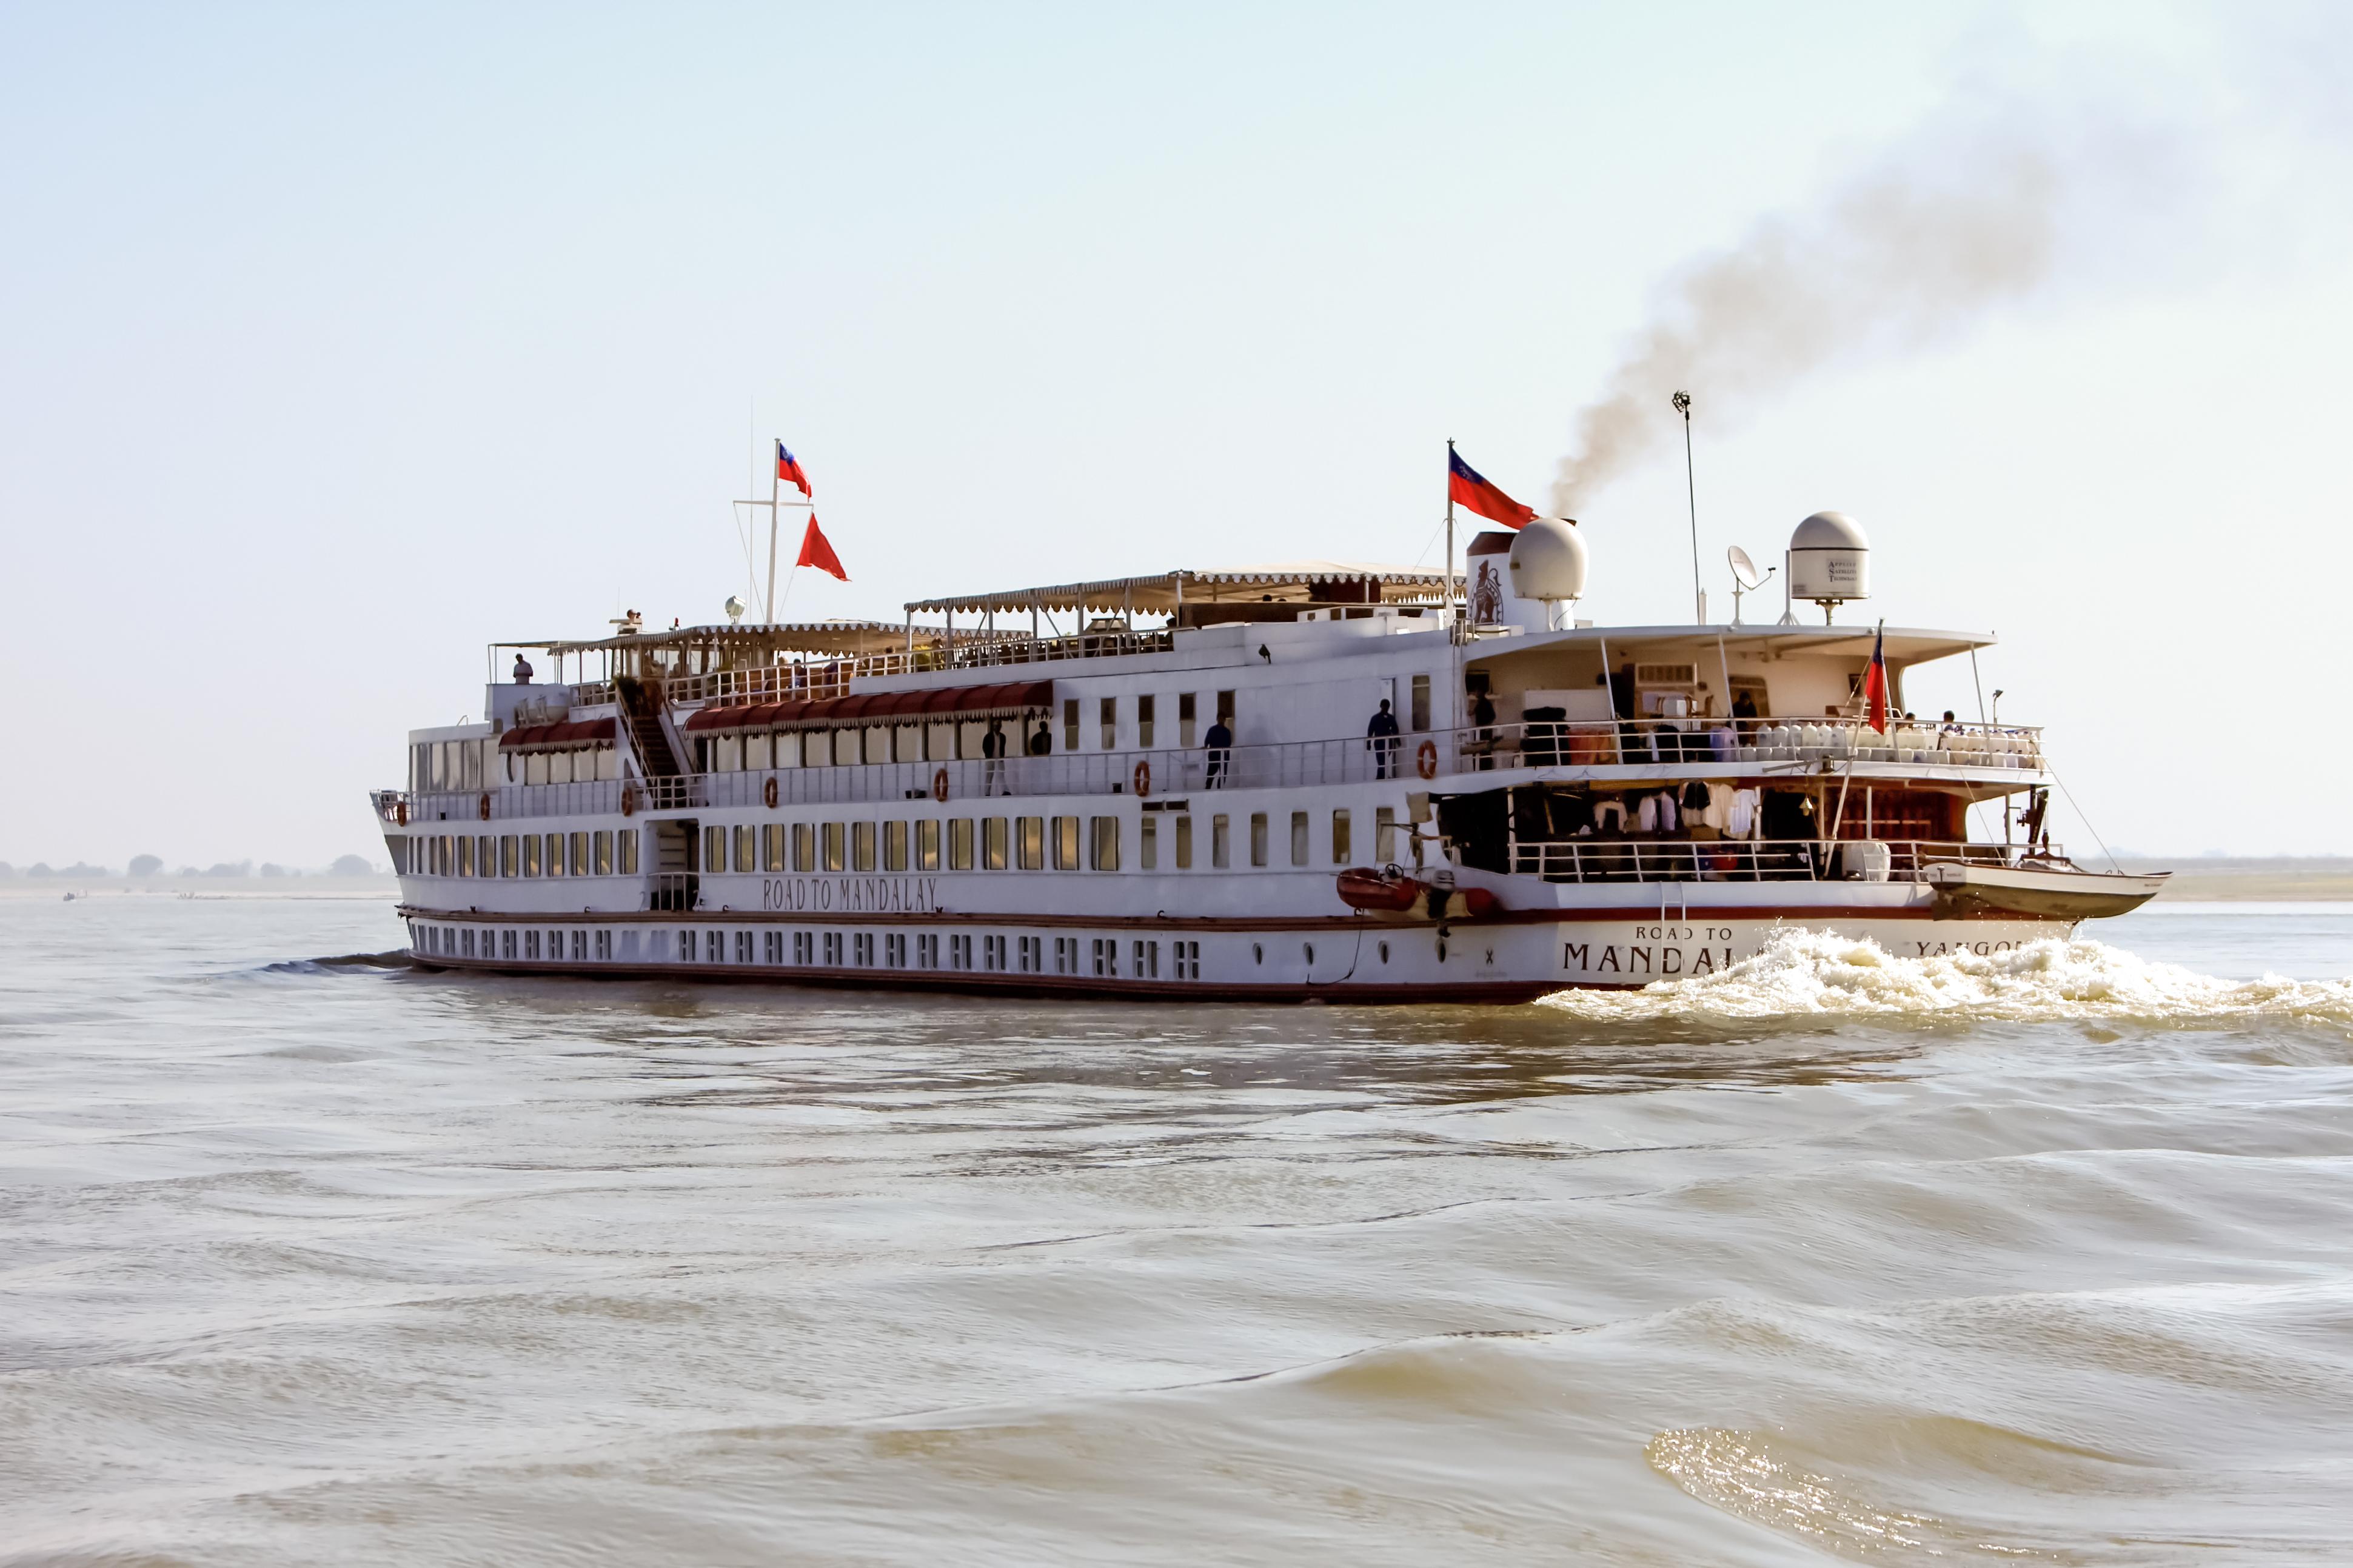 road_to_mandalay_ship_1964_004_